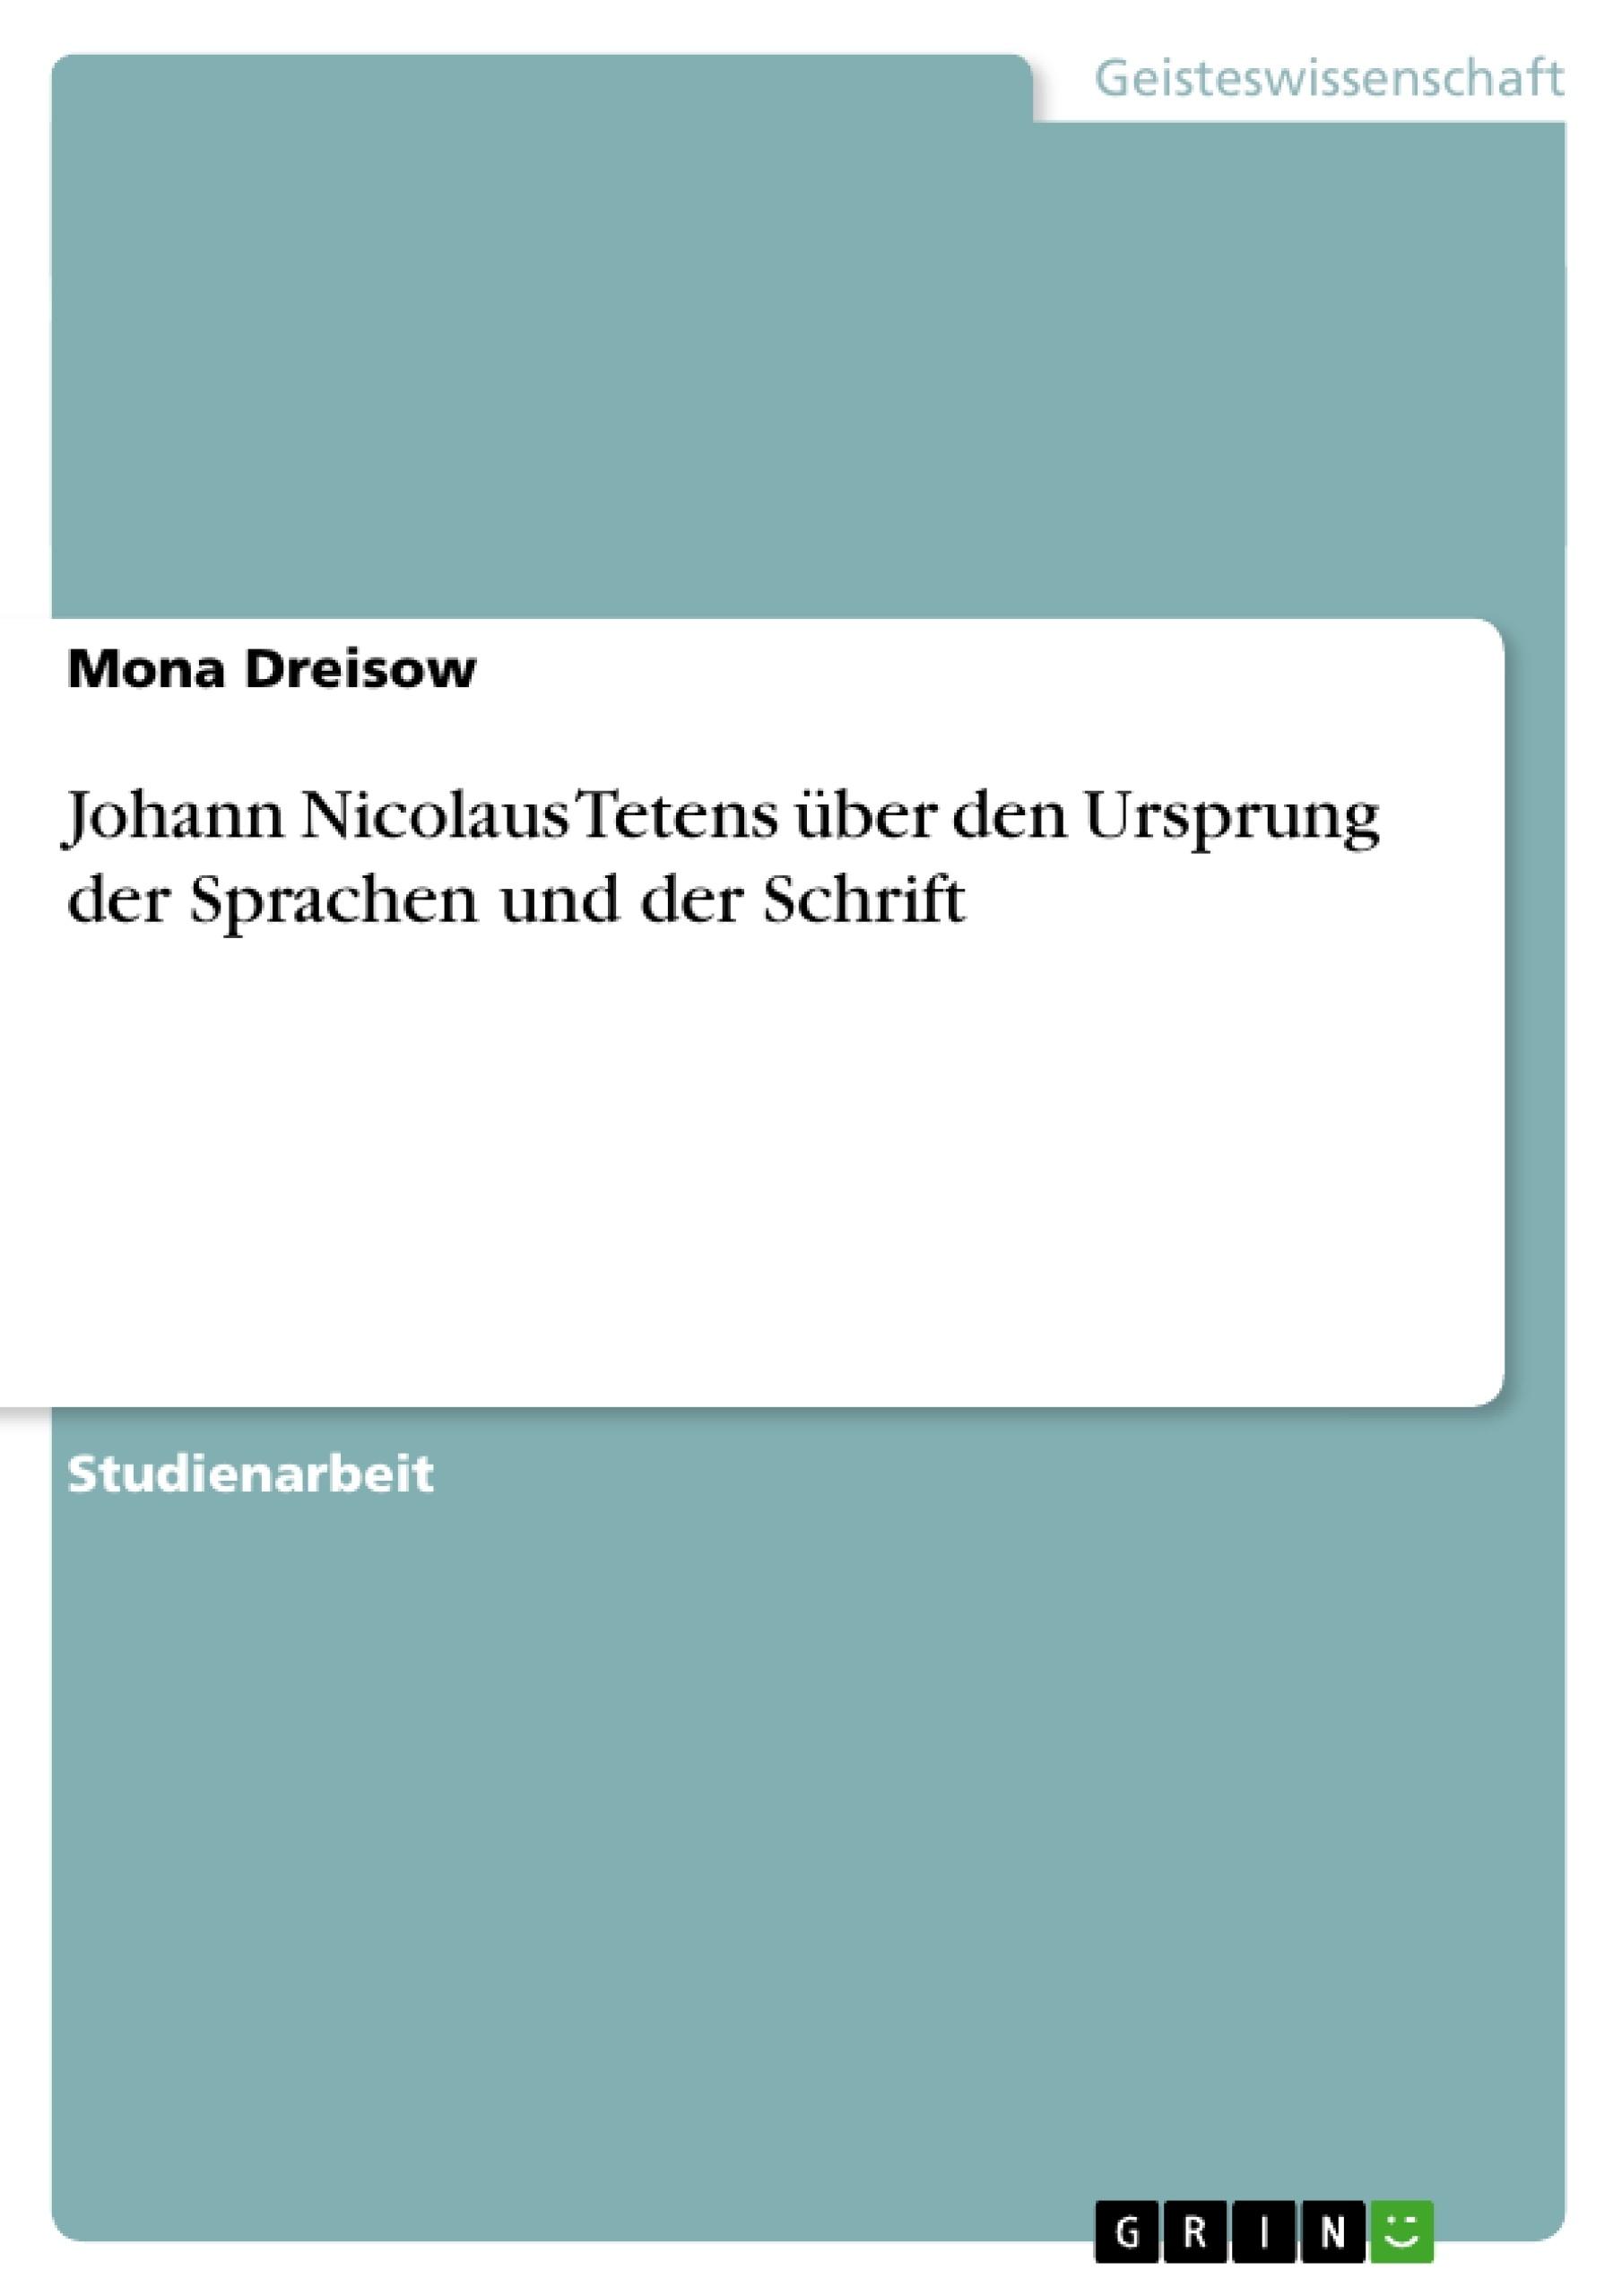 Titel: Johann Nicolaus Tetens über den Ursprung der Sprachen und der Schrift